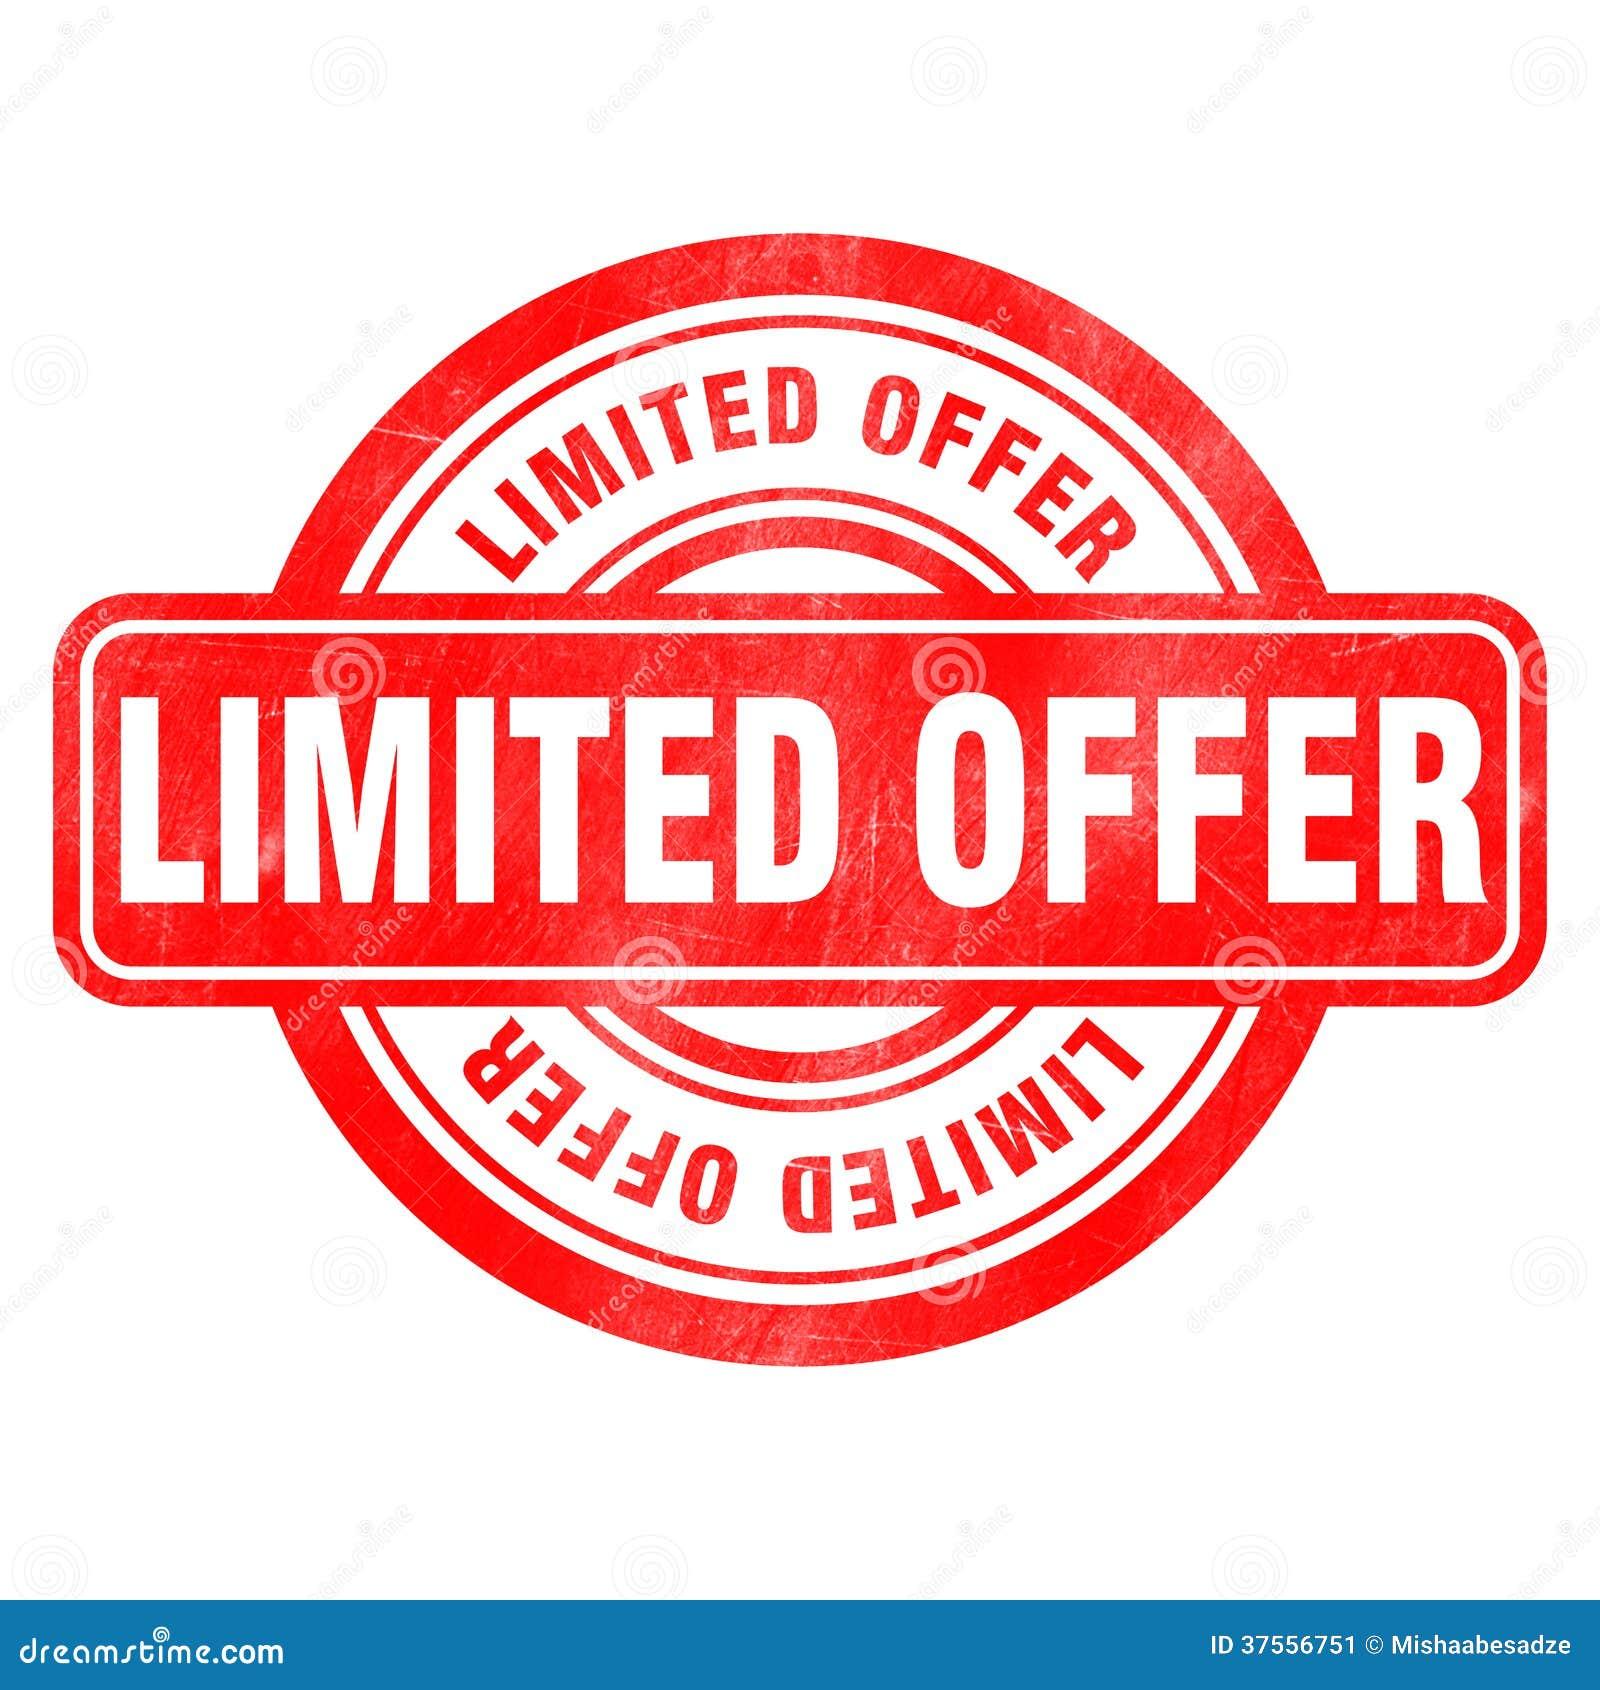 stamp of limited offer stock illustration illustration of